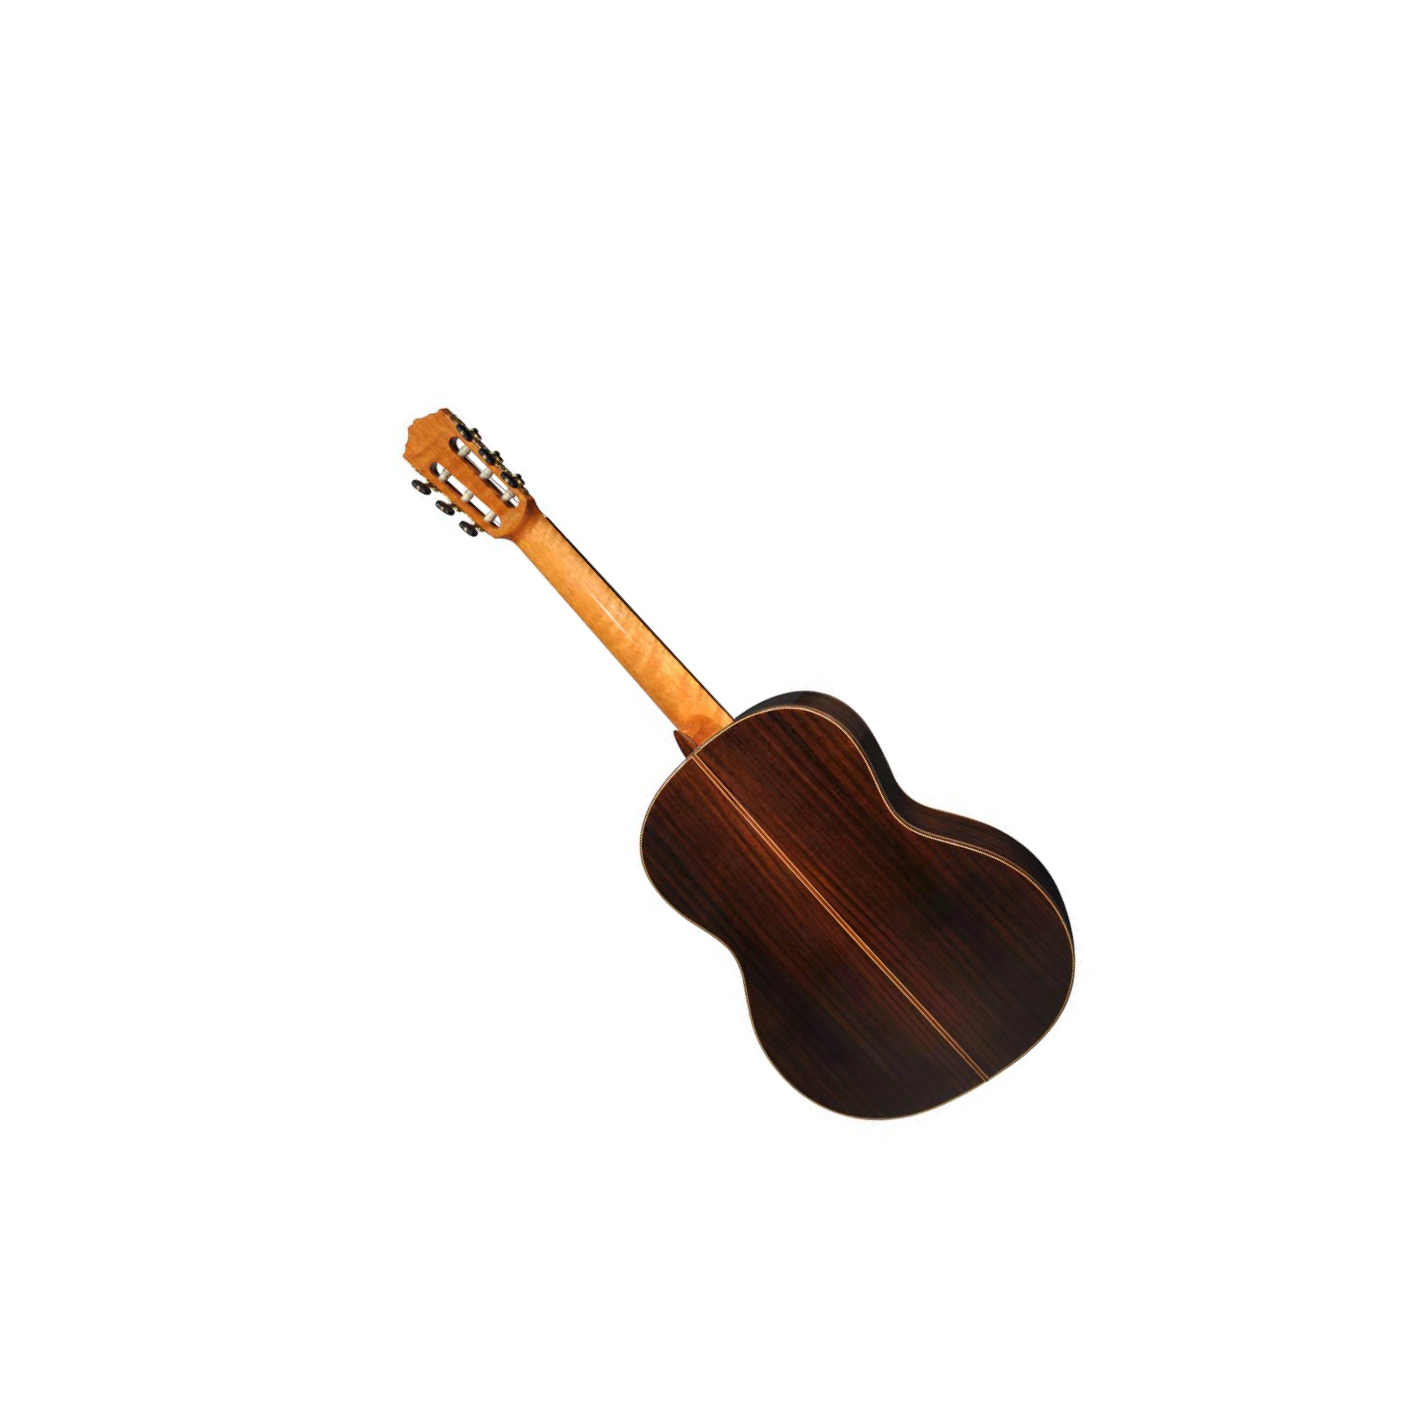 Salvador Cortez CC-60 Solid Top Concert Series Classical Guitar w/ Gig Bag